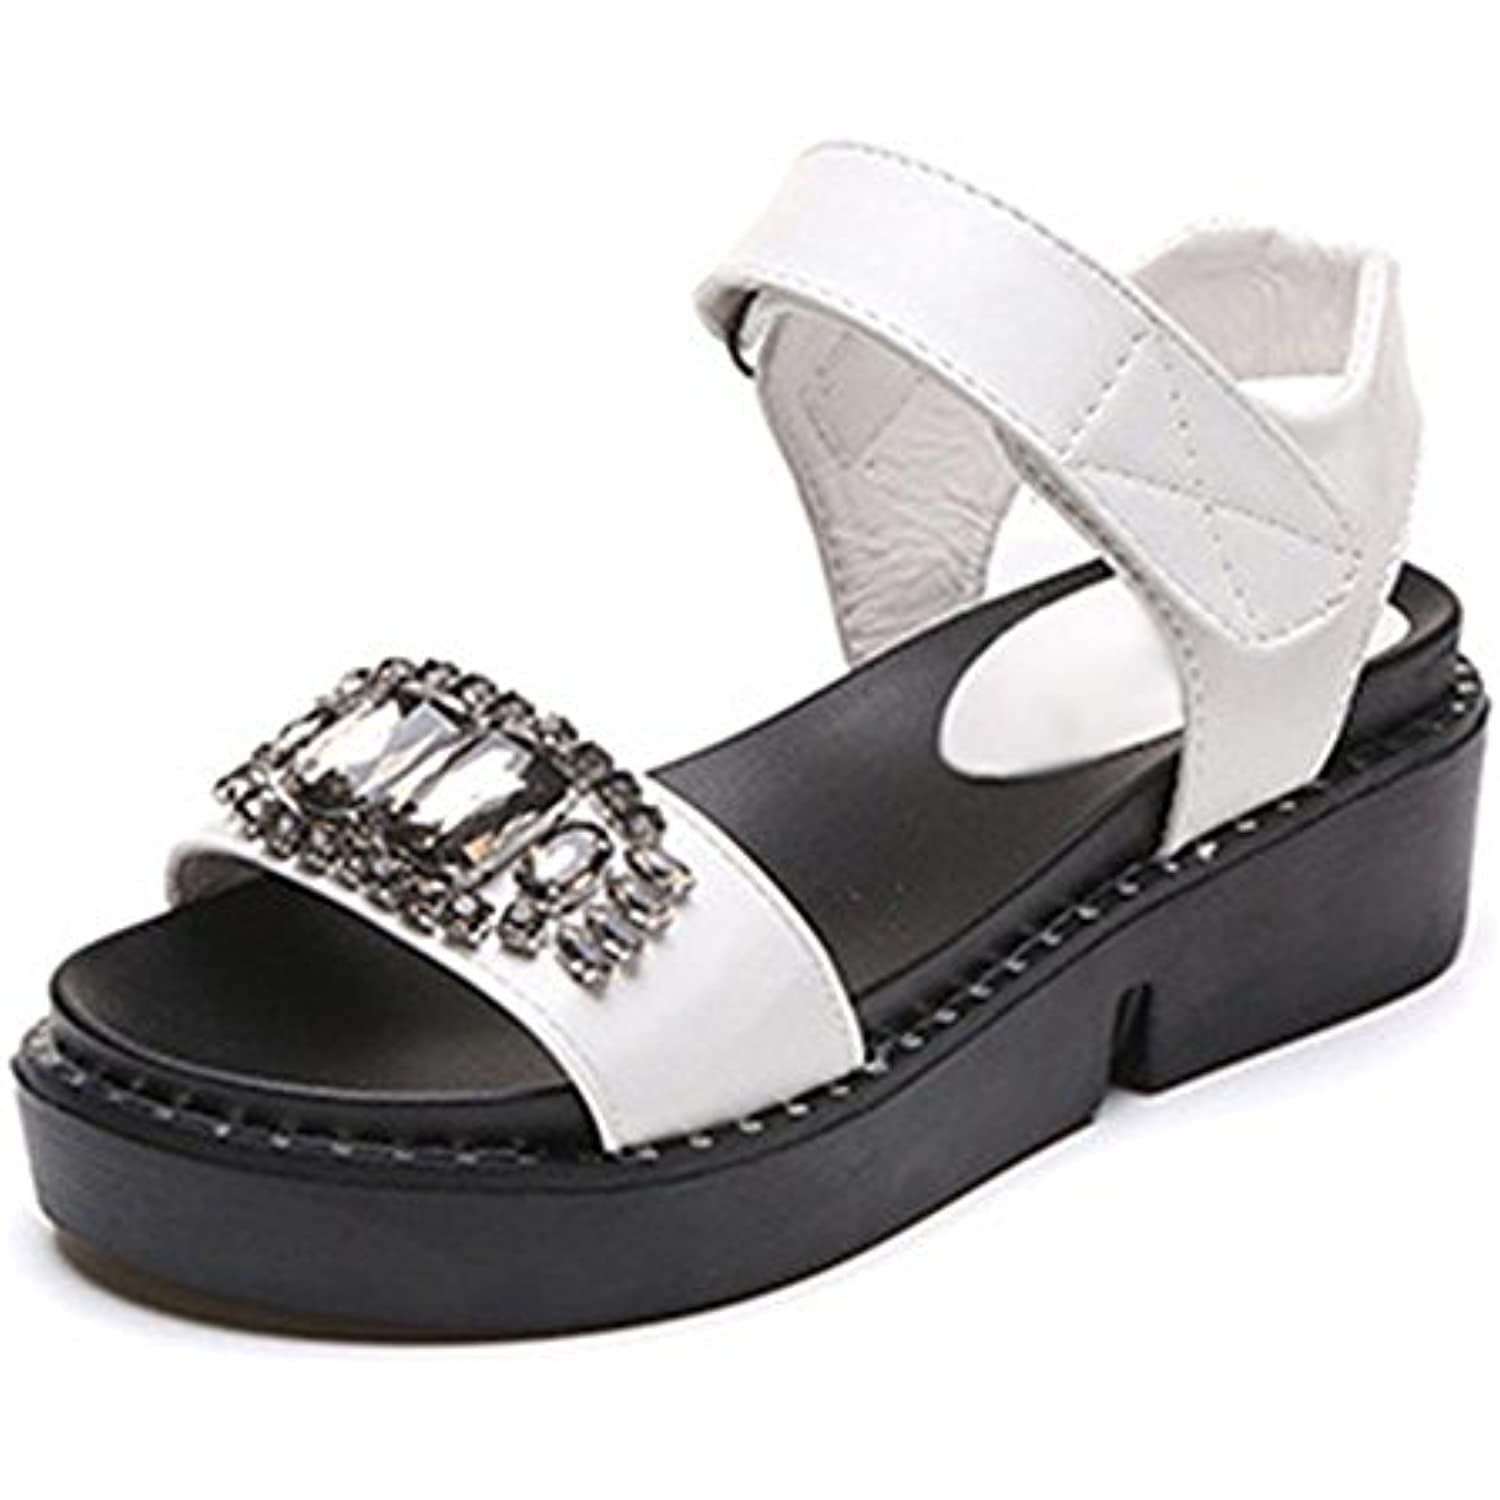 sandales d'été en pente de diamant avec une croûte B071XY8GL7 épaisse muffins sandales plates - B071XY8GL7 croûte - 2f66e7